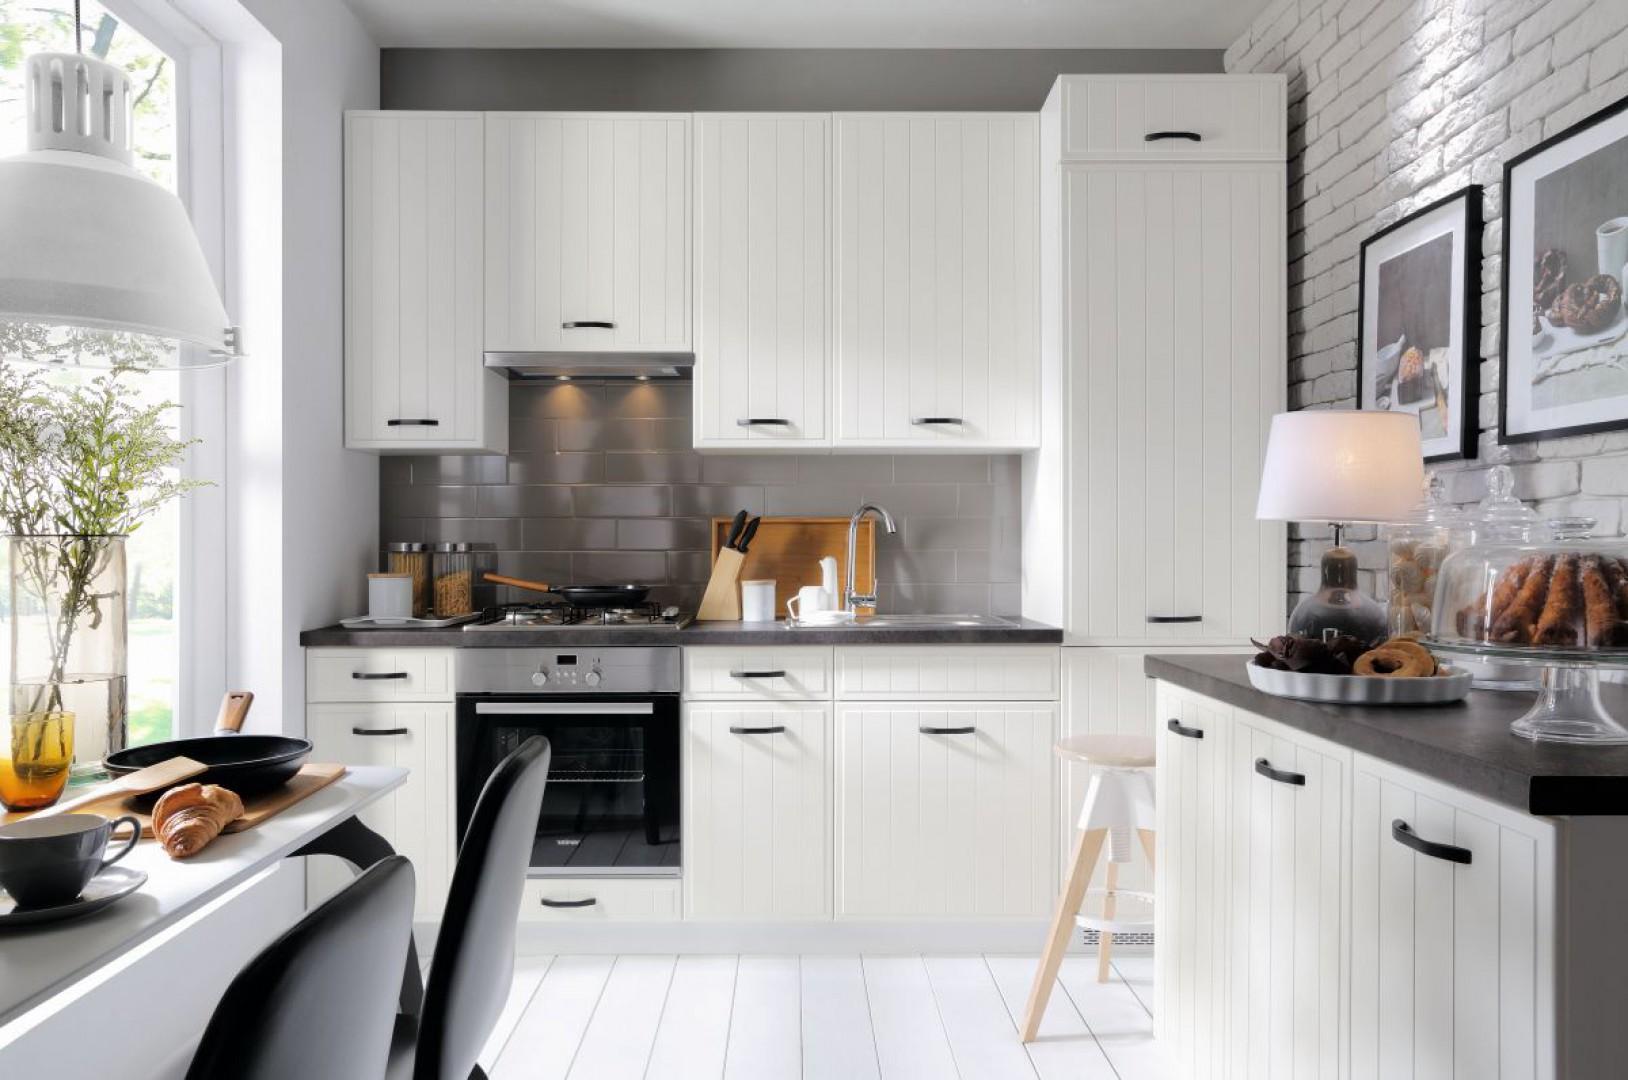 Kuchnia Domin ma jasną kolorystykę, nawiązującą do stylizacji skandynawskich. Rozjaśni wnętrze i doda mu blasku. Fot. Black Red White